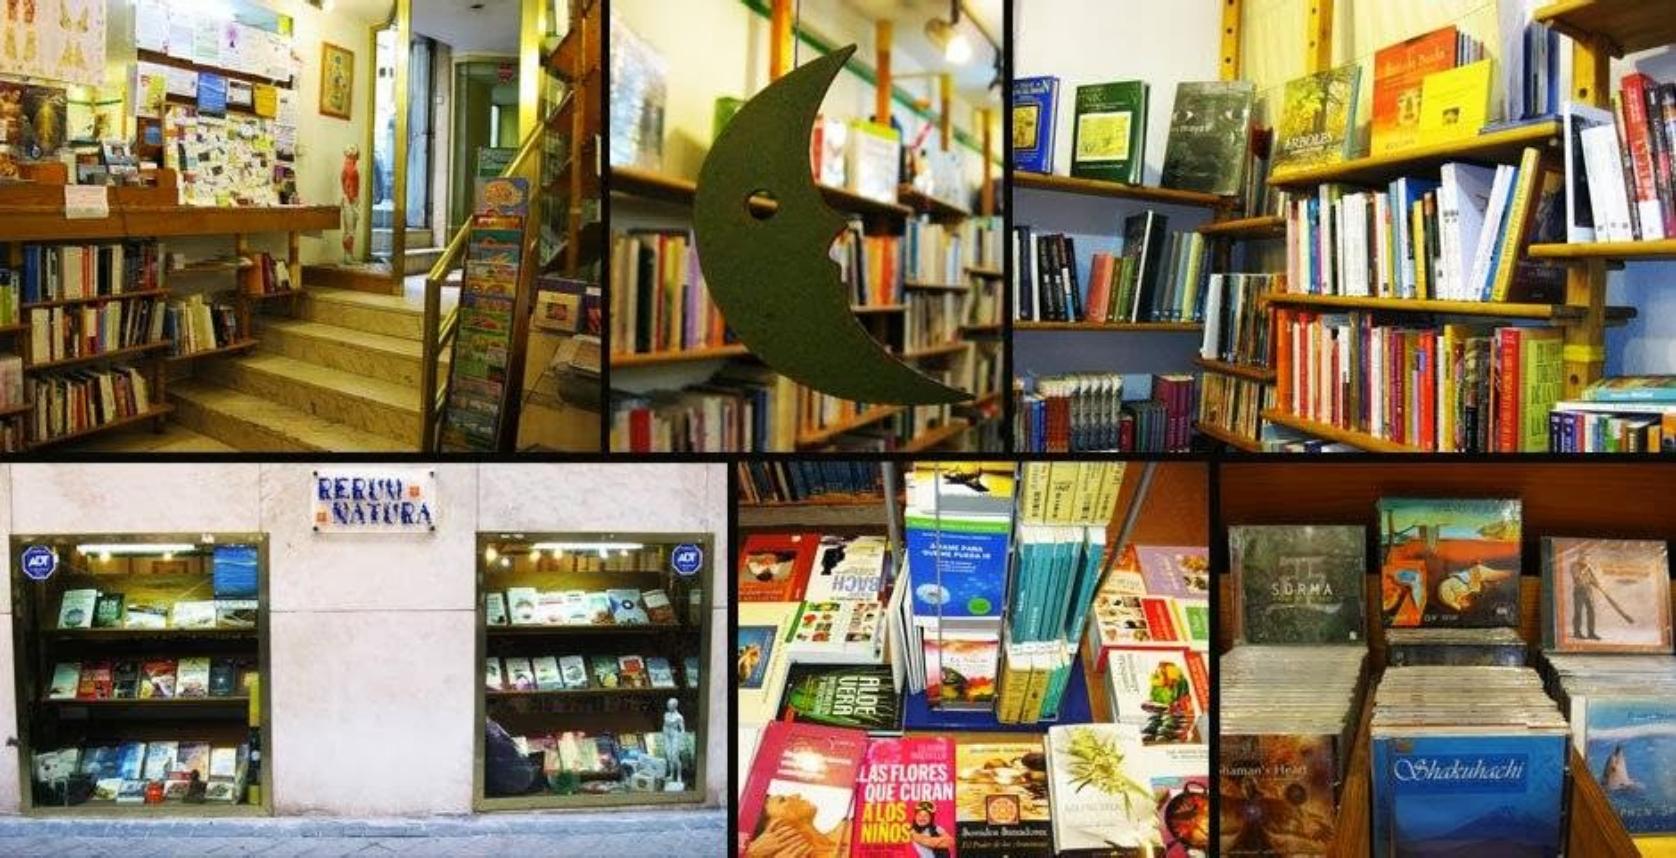 Librería Rerum Natura